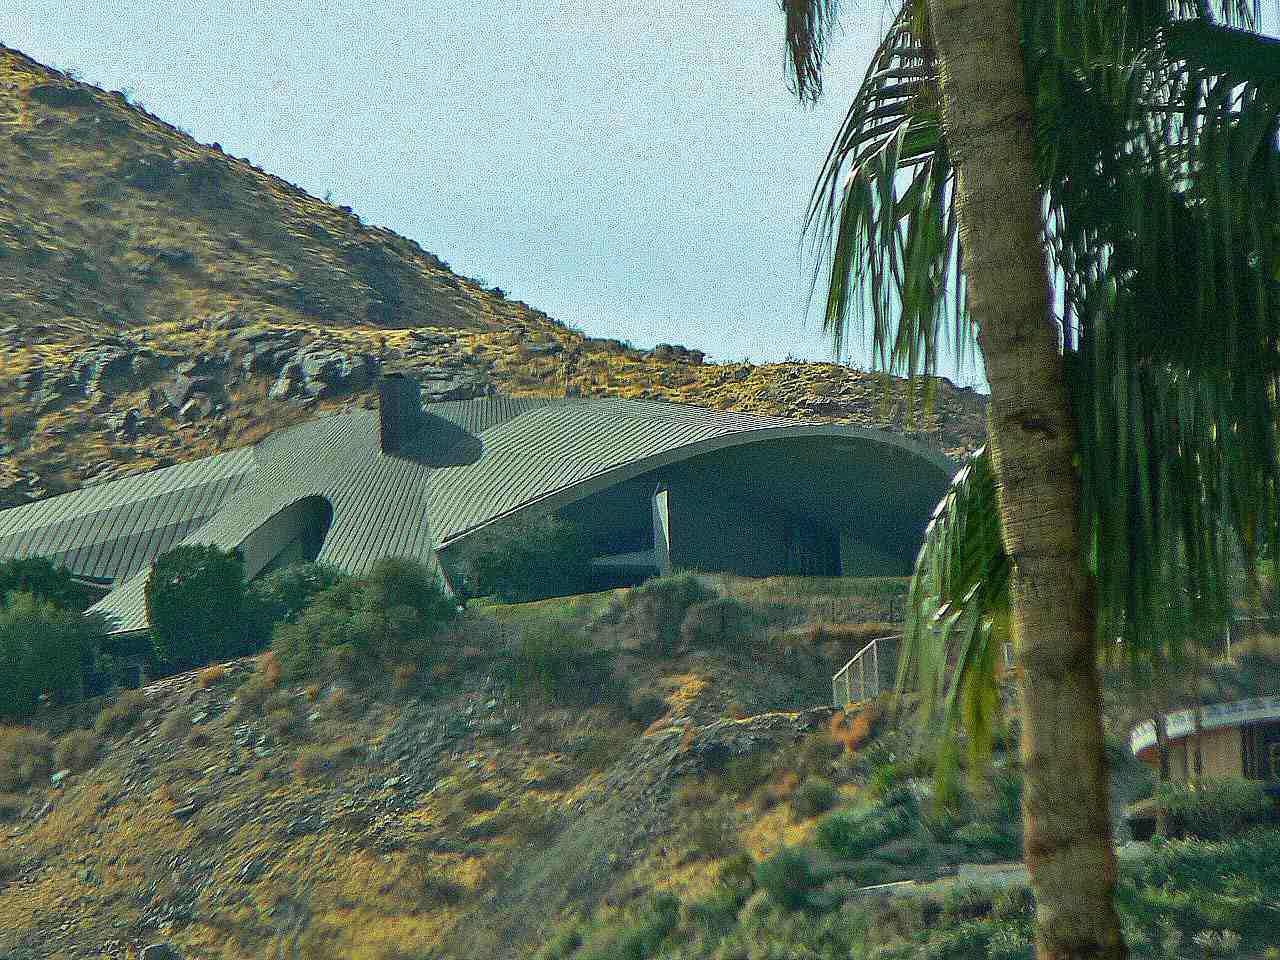 Το σπίτι του Bob Hope στο Παλμ Σπρινγκς της Καλιφόρνια